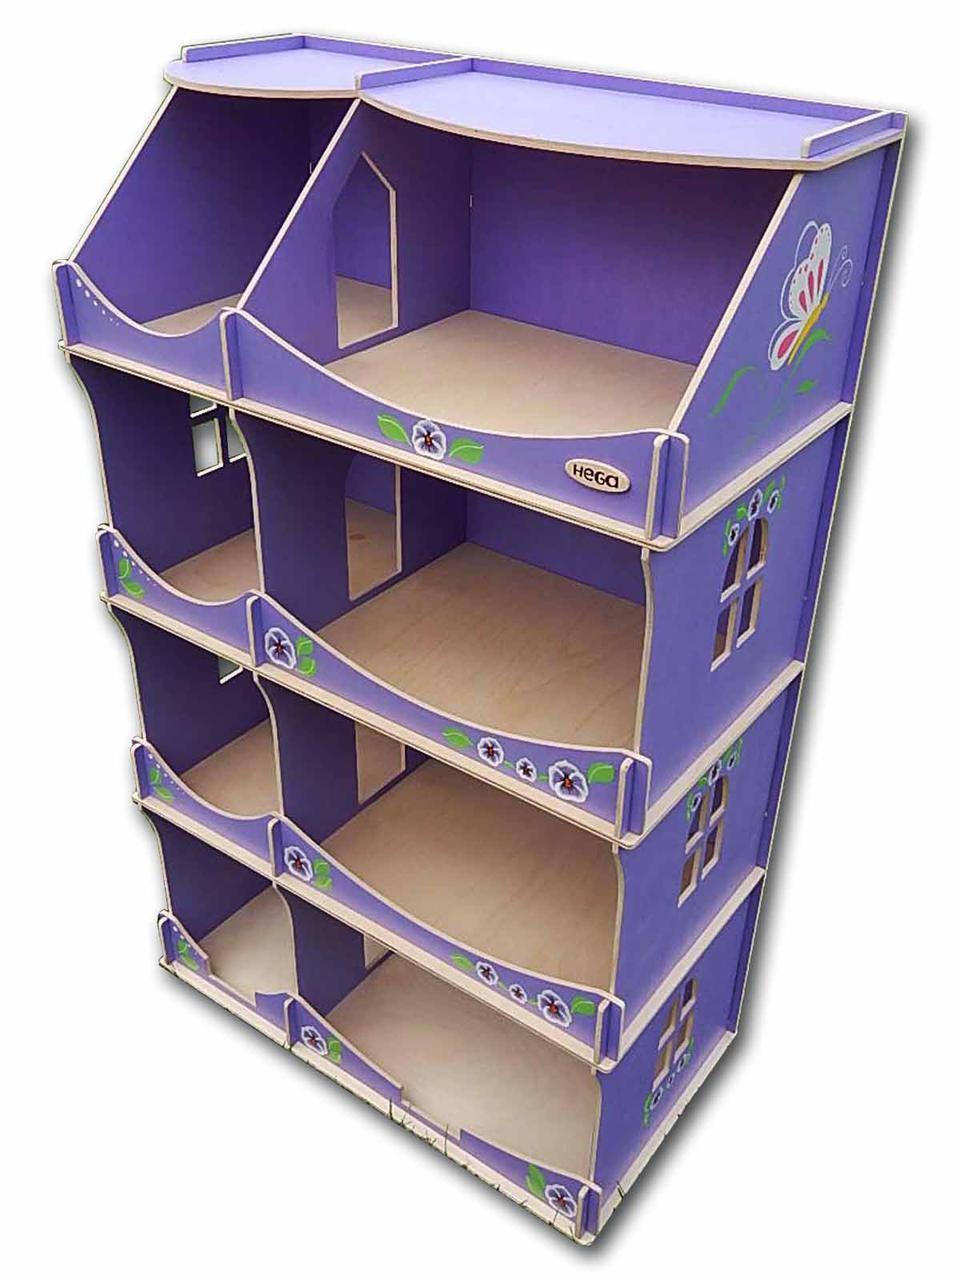 Ляльковий будиночок-шафа HEGA з розписом бузковий